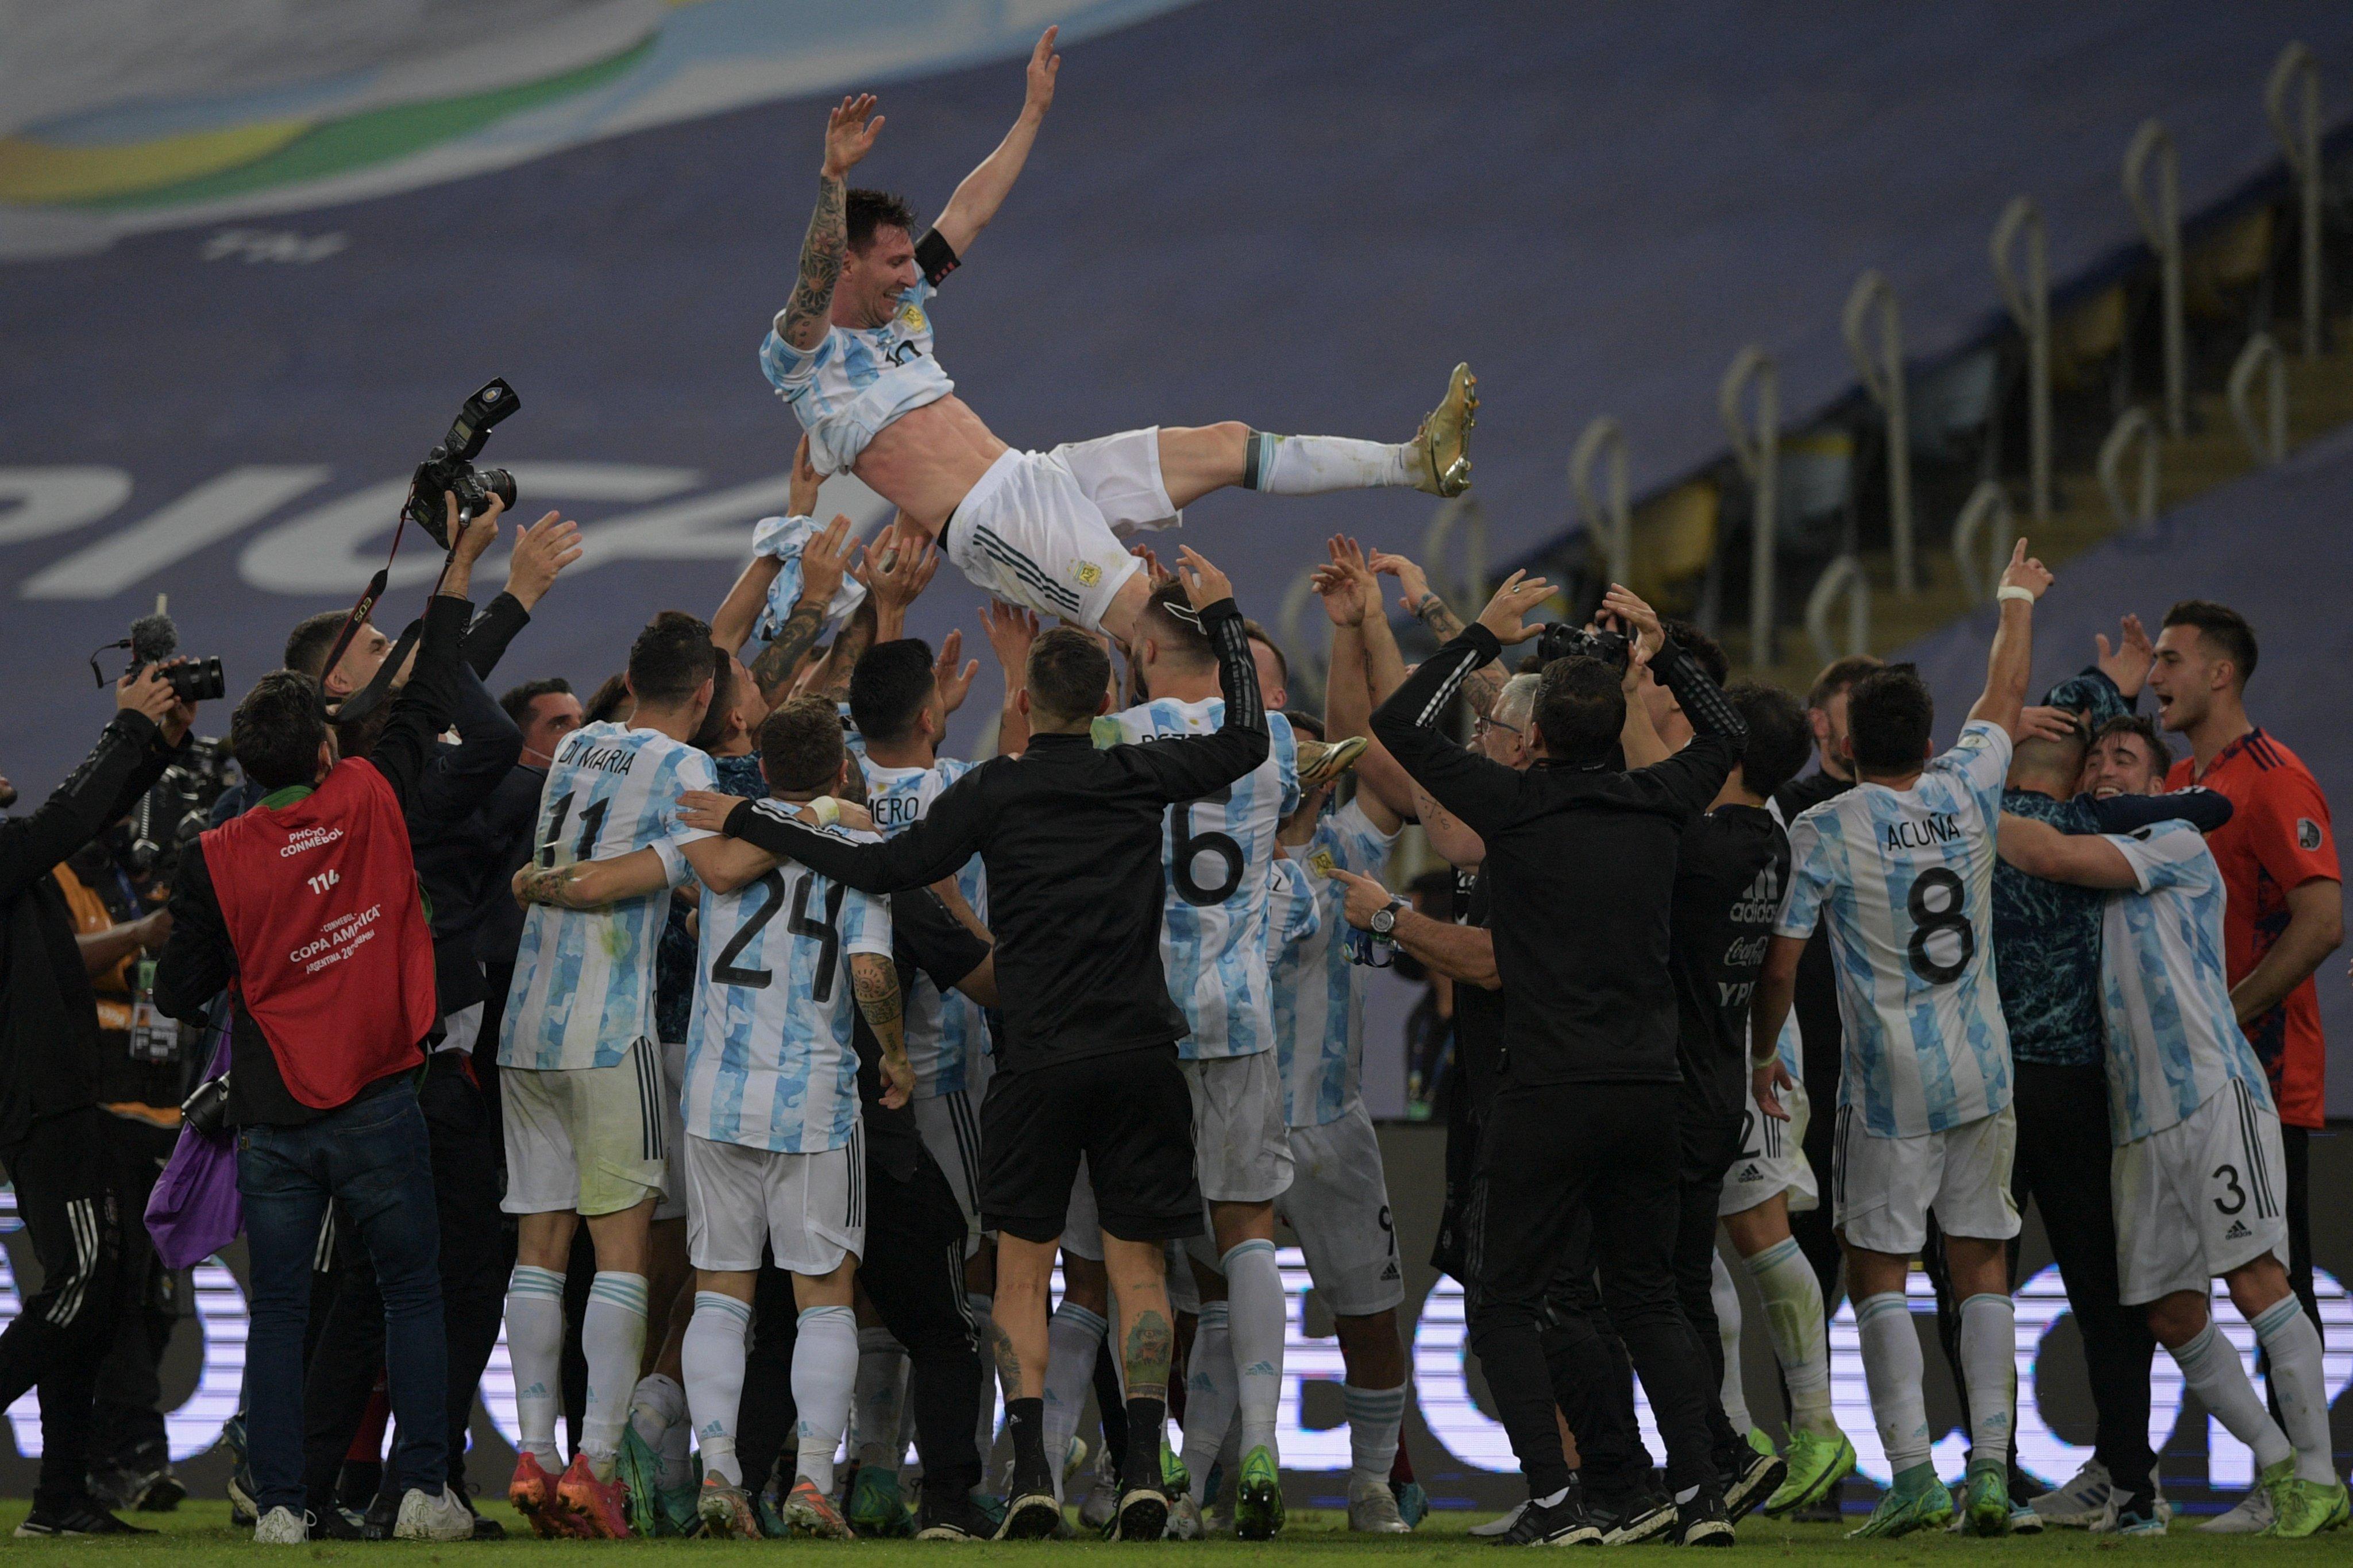 कोपा अमेरिका जीतने के बाद अर्जेंटीना के प्लेयर्स ने मेसी को हवा में उछाला। यह मेसी का आखिरी कोपा अमेरिका टूर्नामेंट हो सकता है।